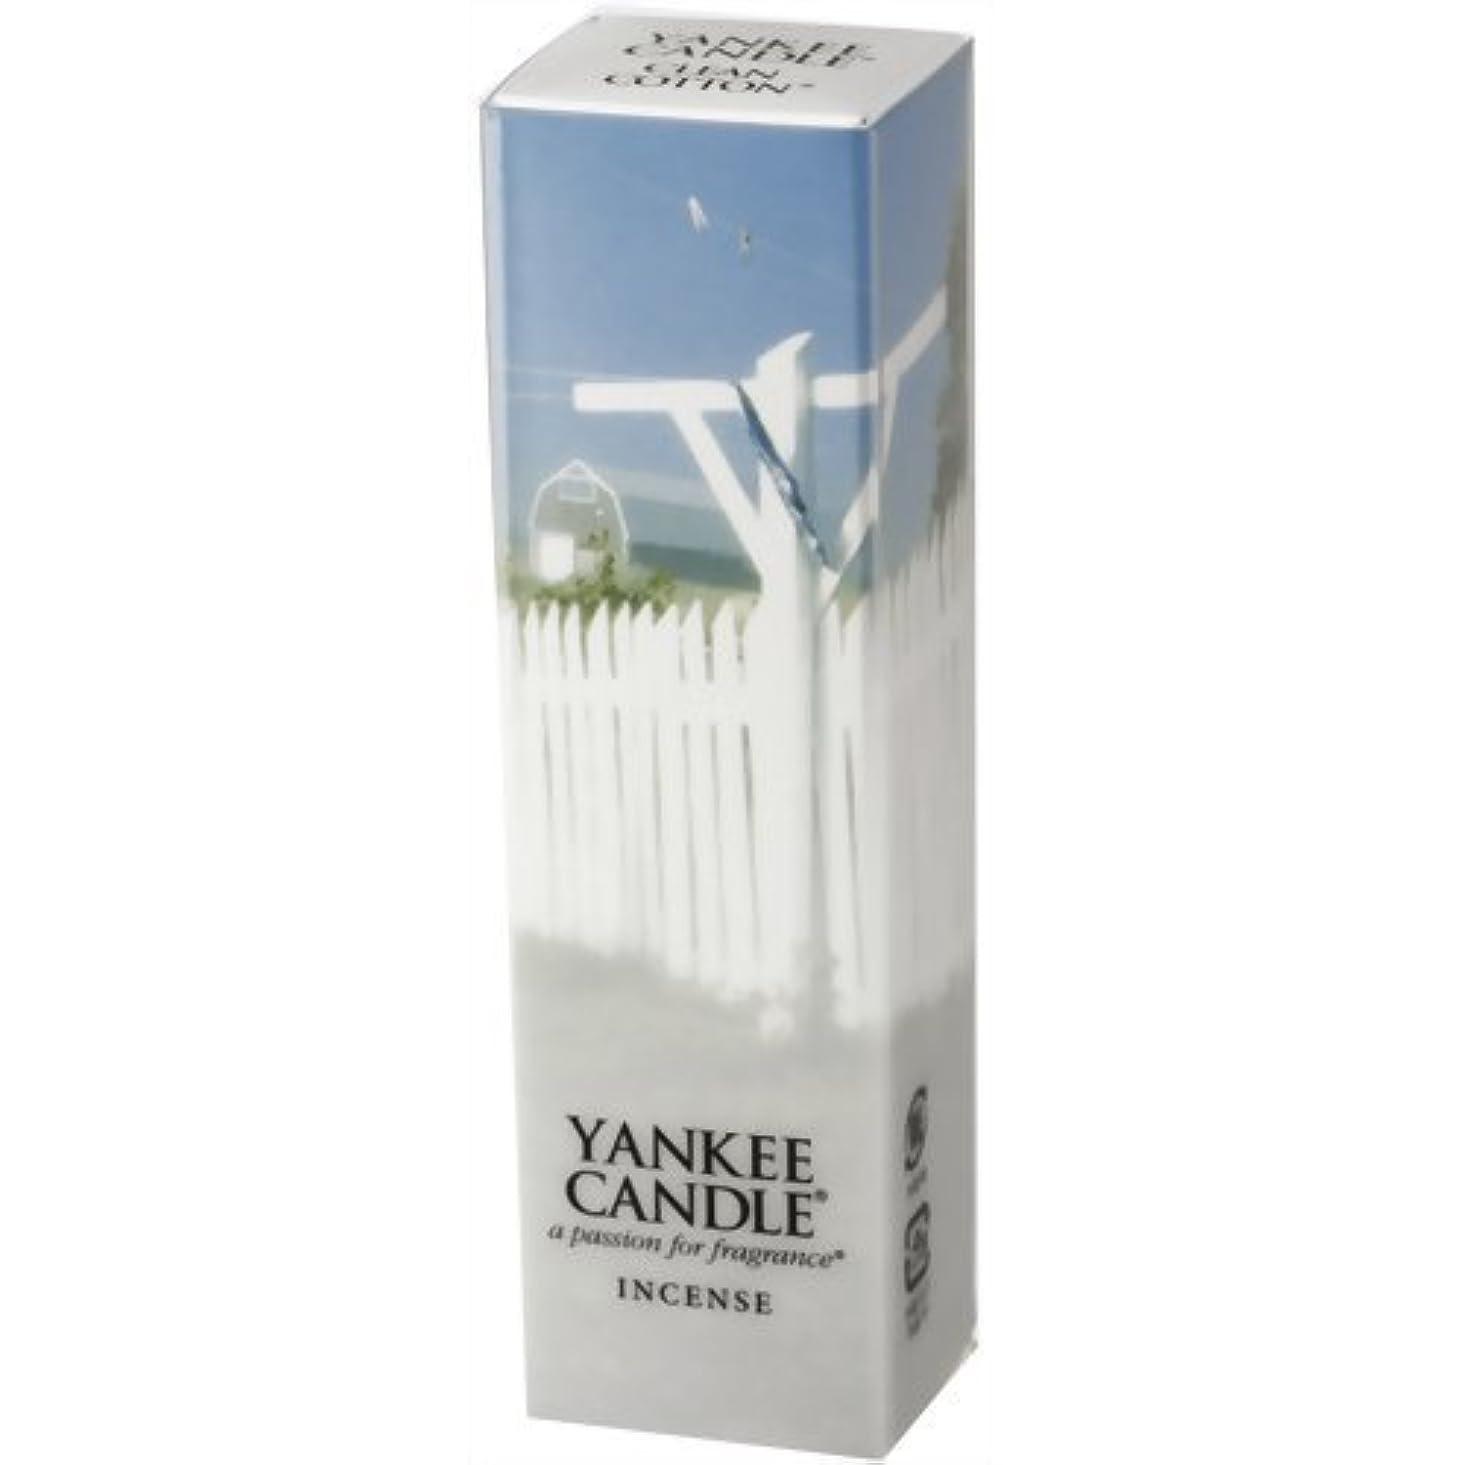 影響嘆願教育学YANKEE CANDLE(ヤンキーキャンドル) YCインセンス クリーンコットン